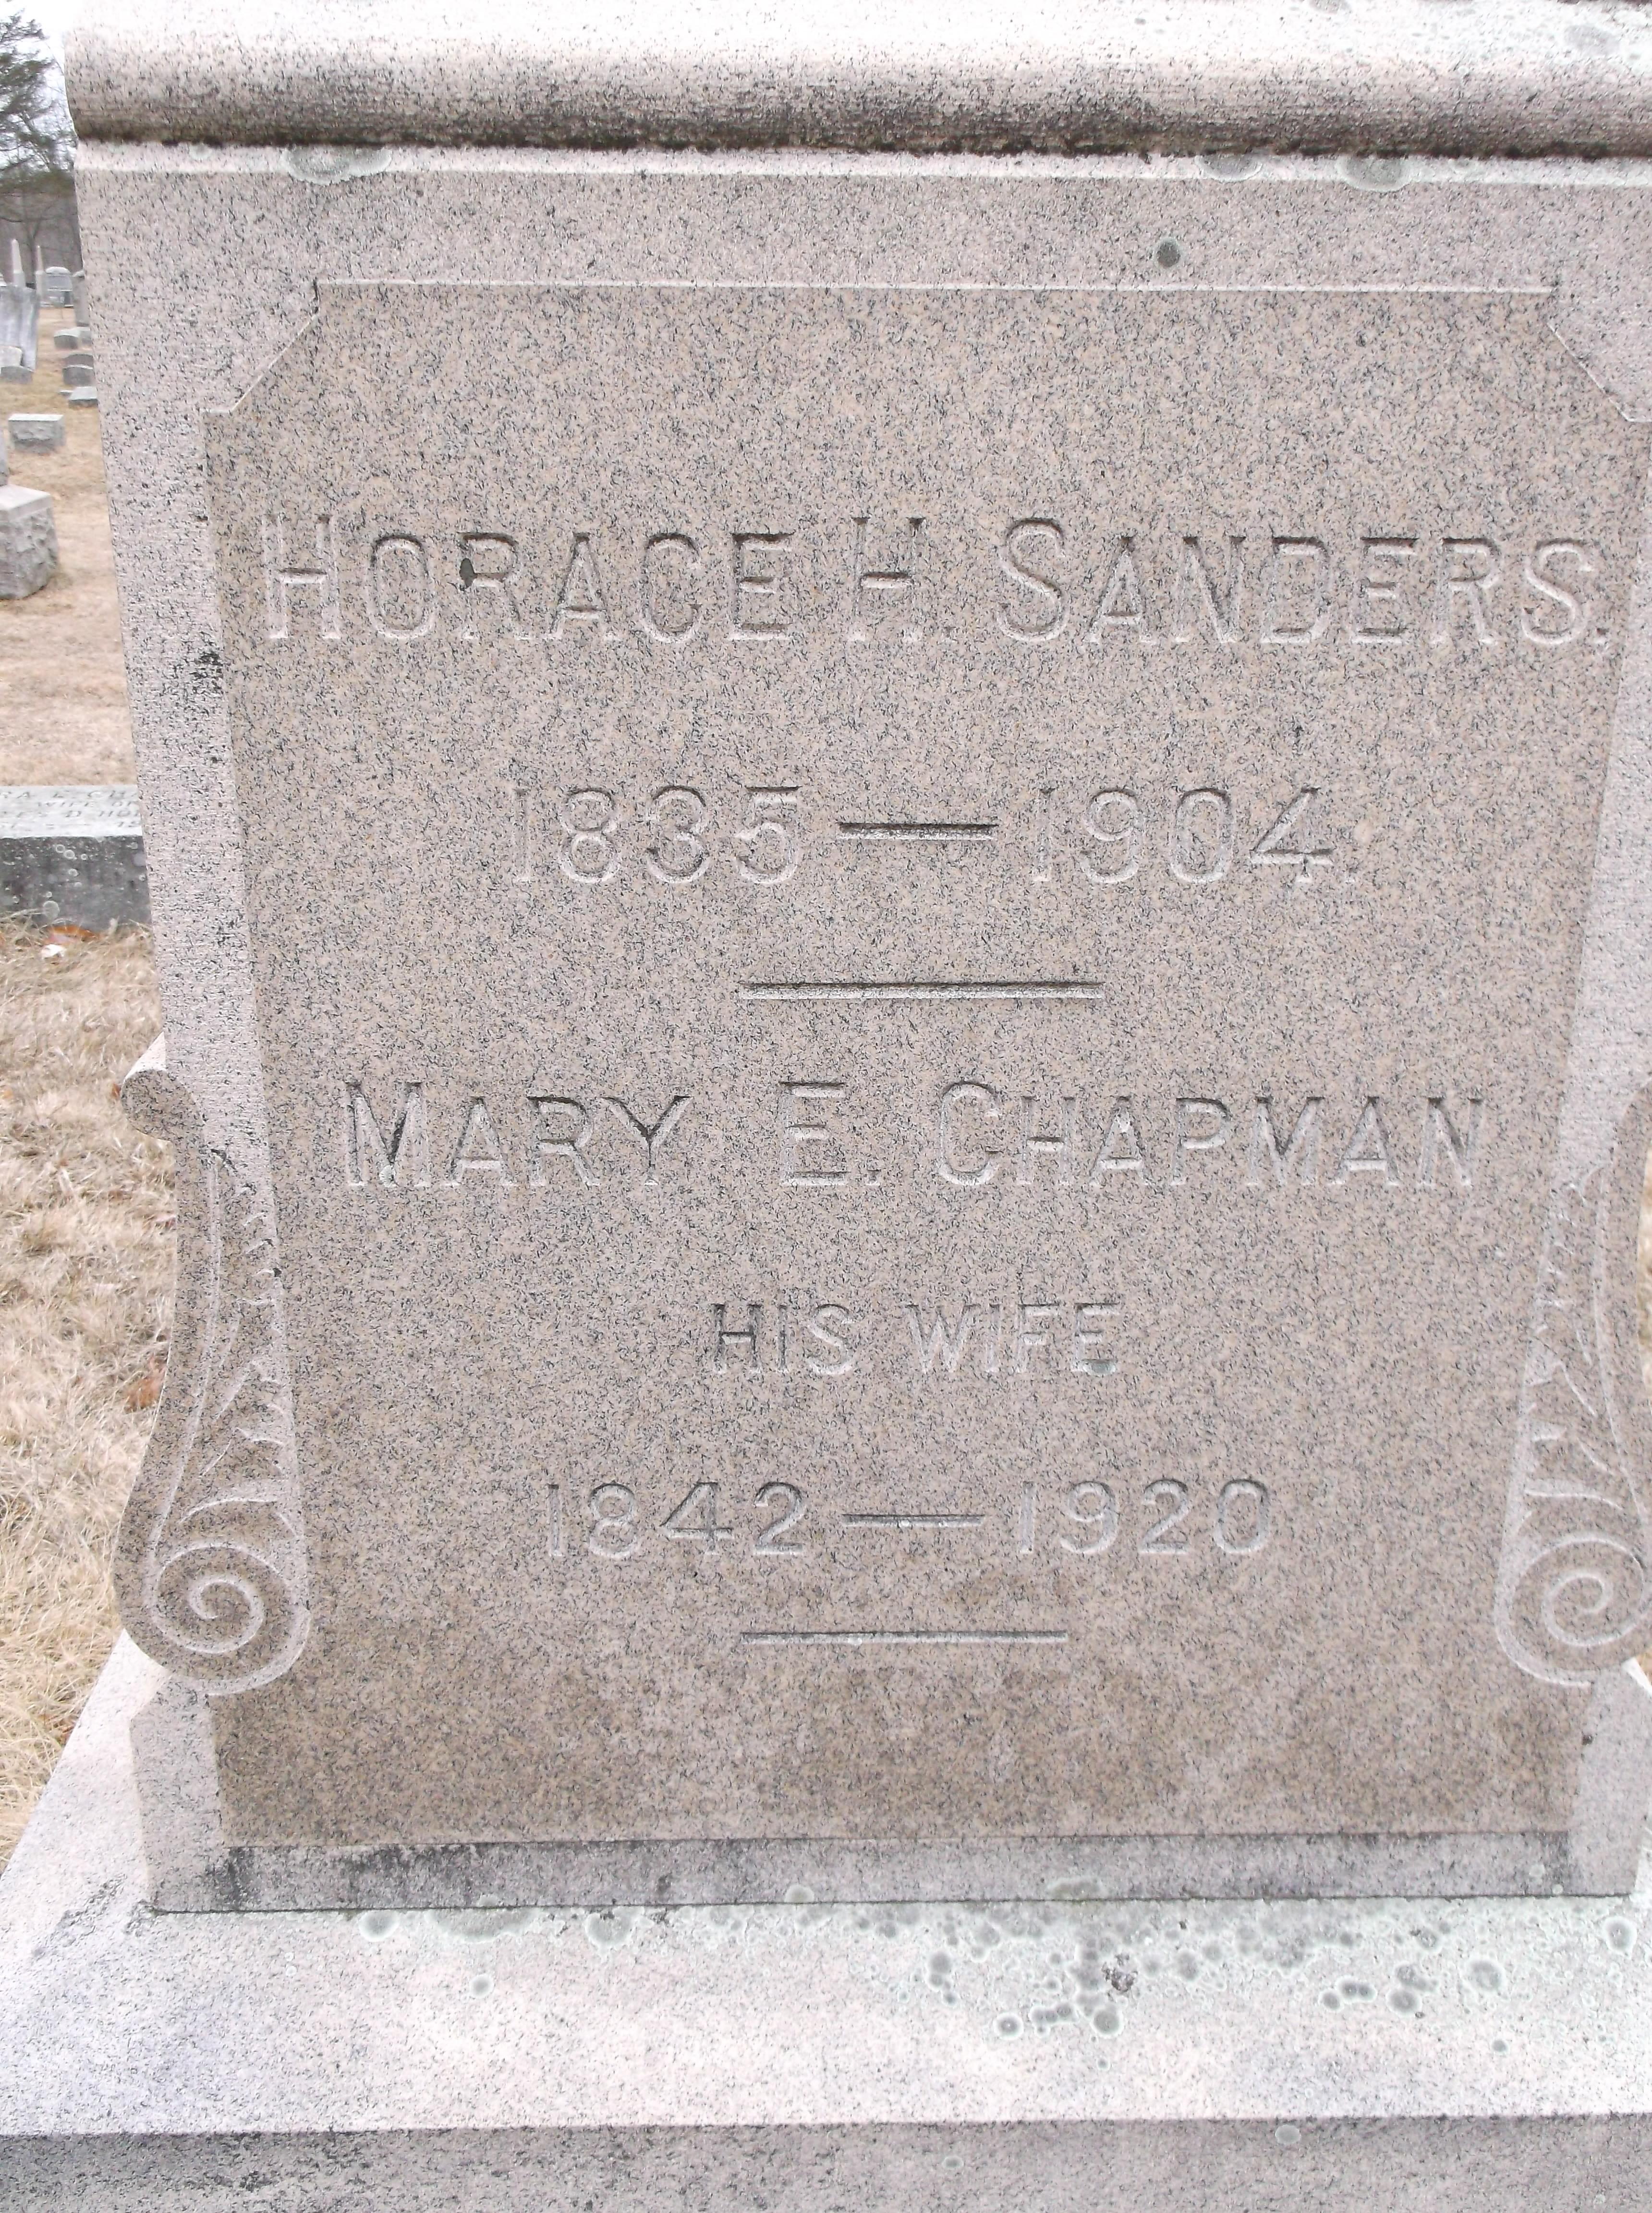 Henry C Sanders